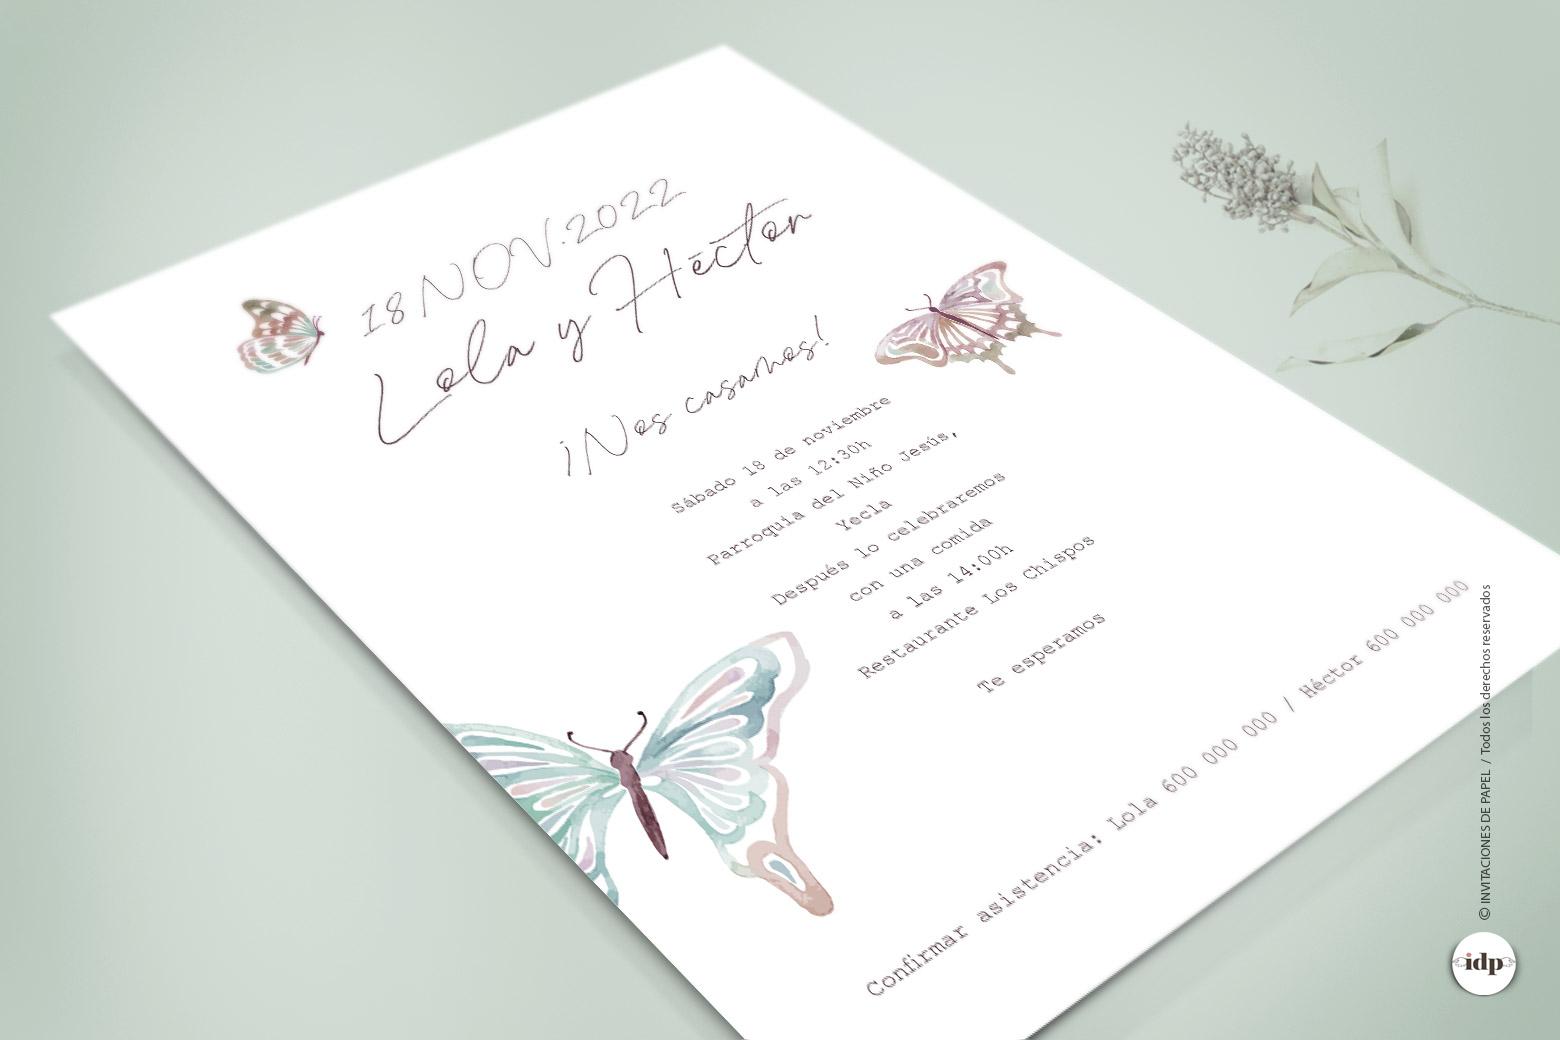 Invitacion de Boda Original con Mariposas en Acuarela - butterfly